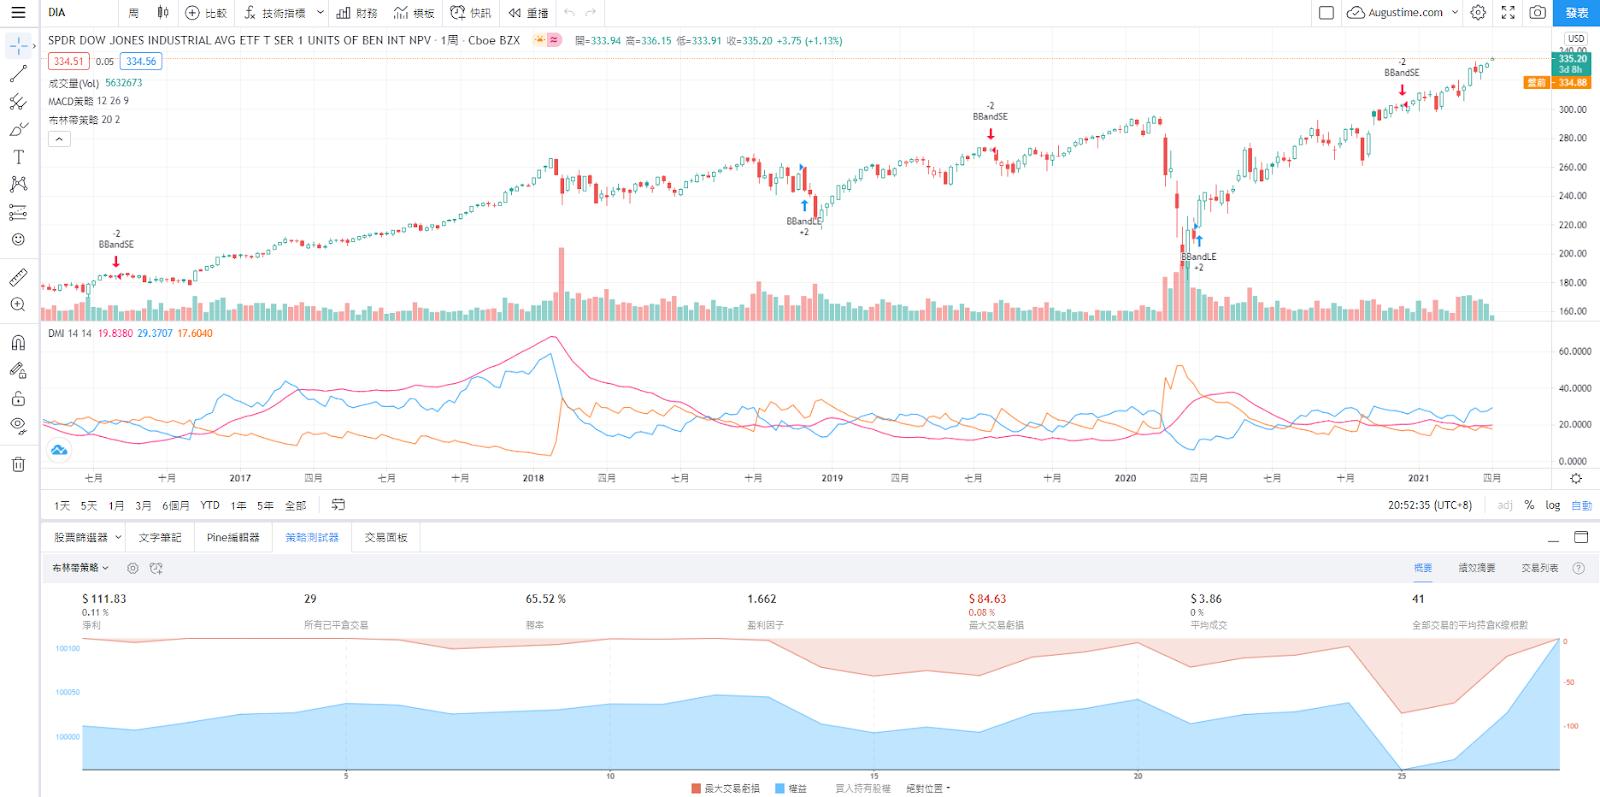 DIA股價走勢圖與K線圖